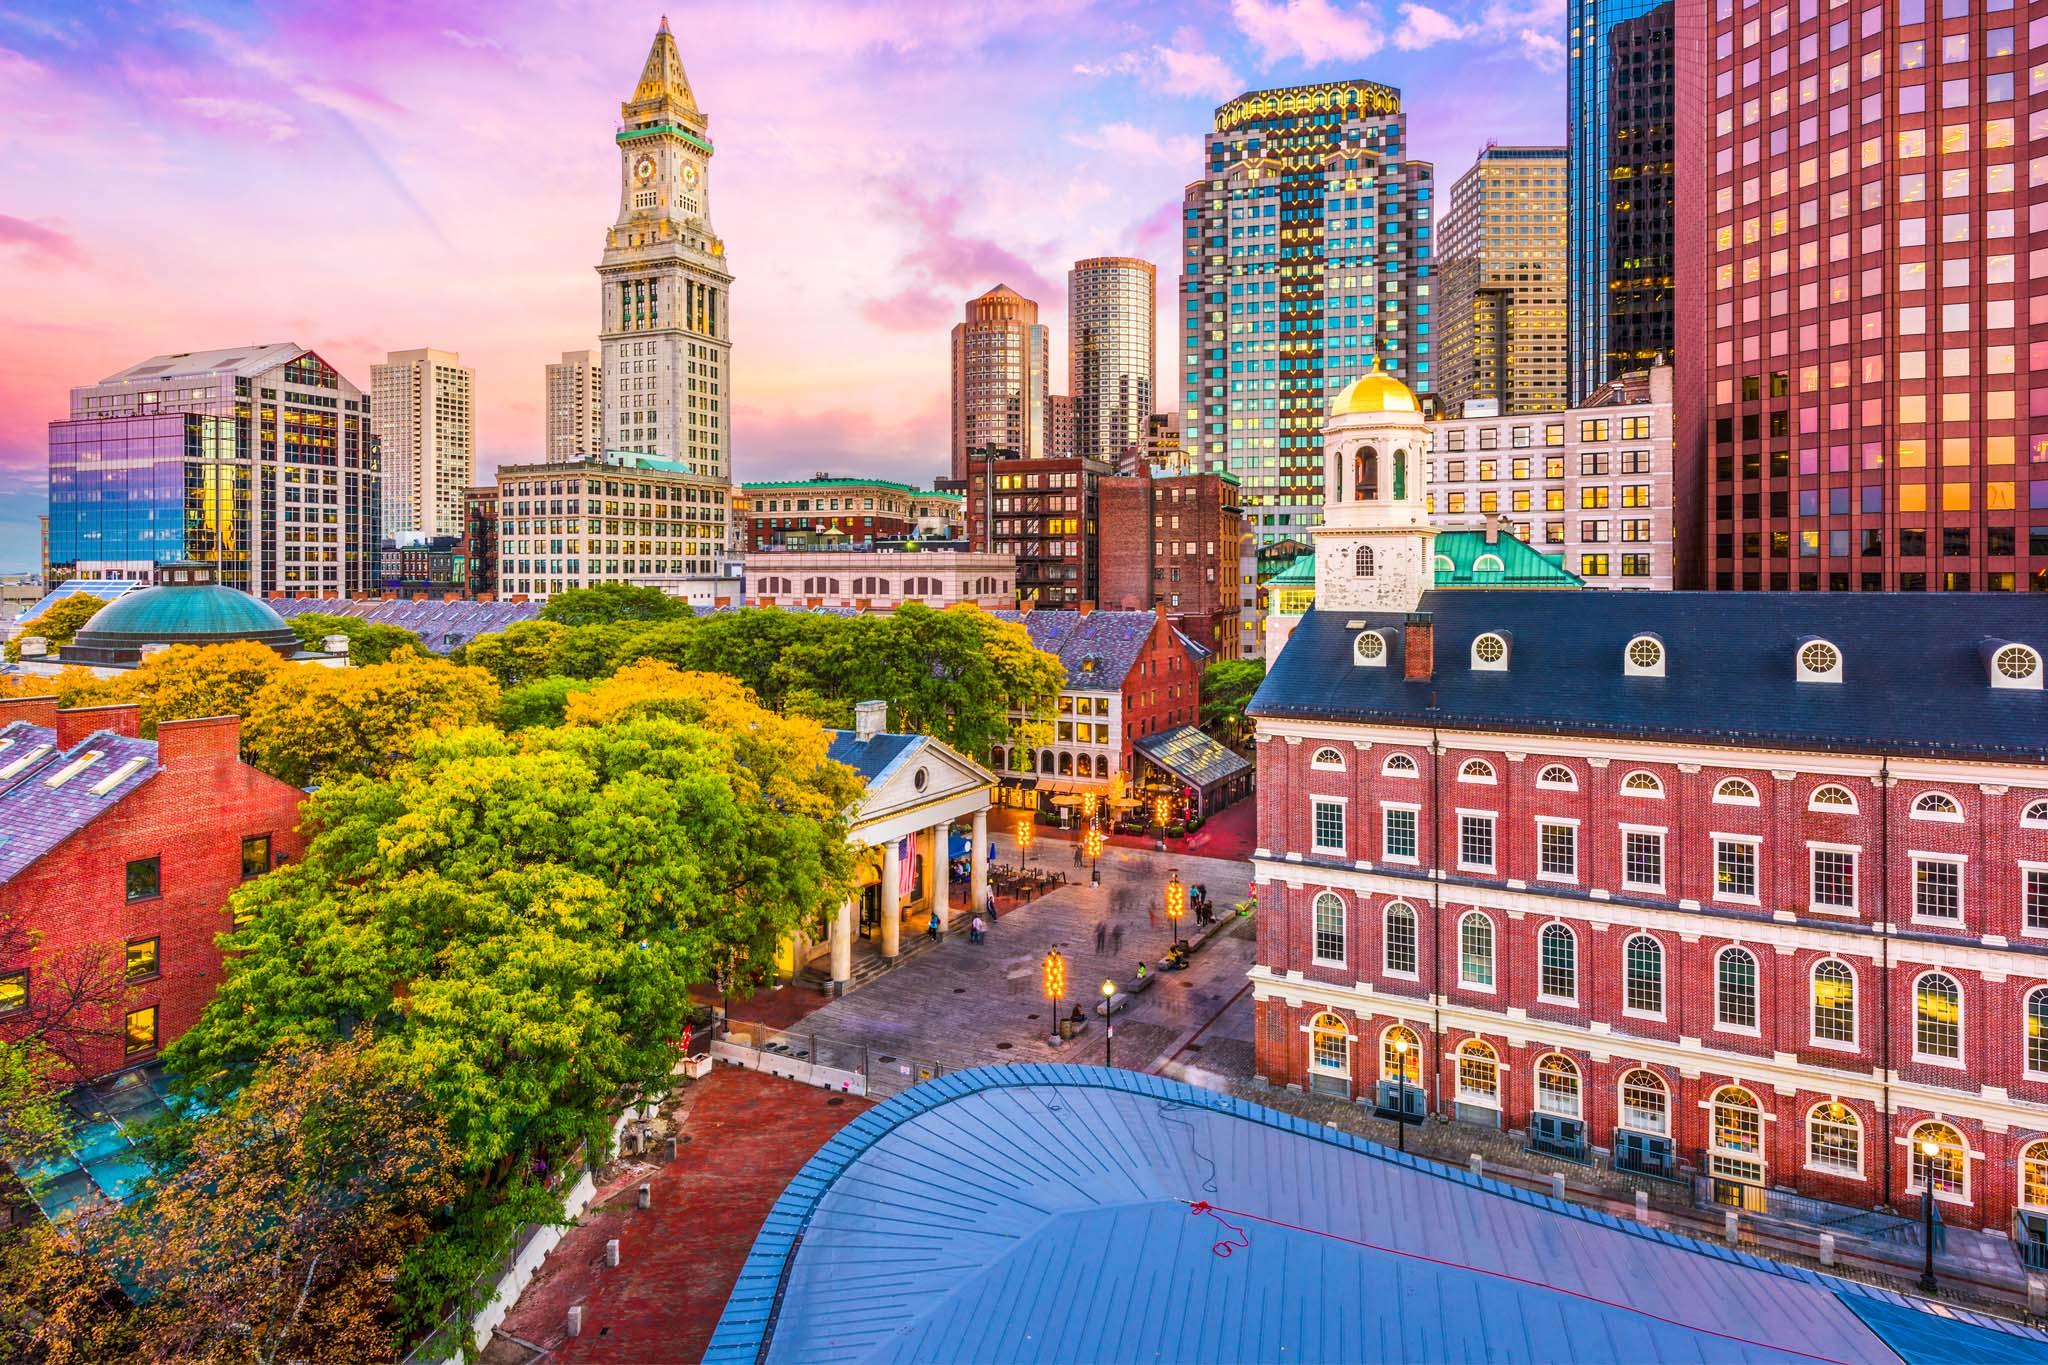 VISITA BOSTON DESDE NUEVA YORK: GUIA DE VIAJE